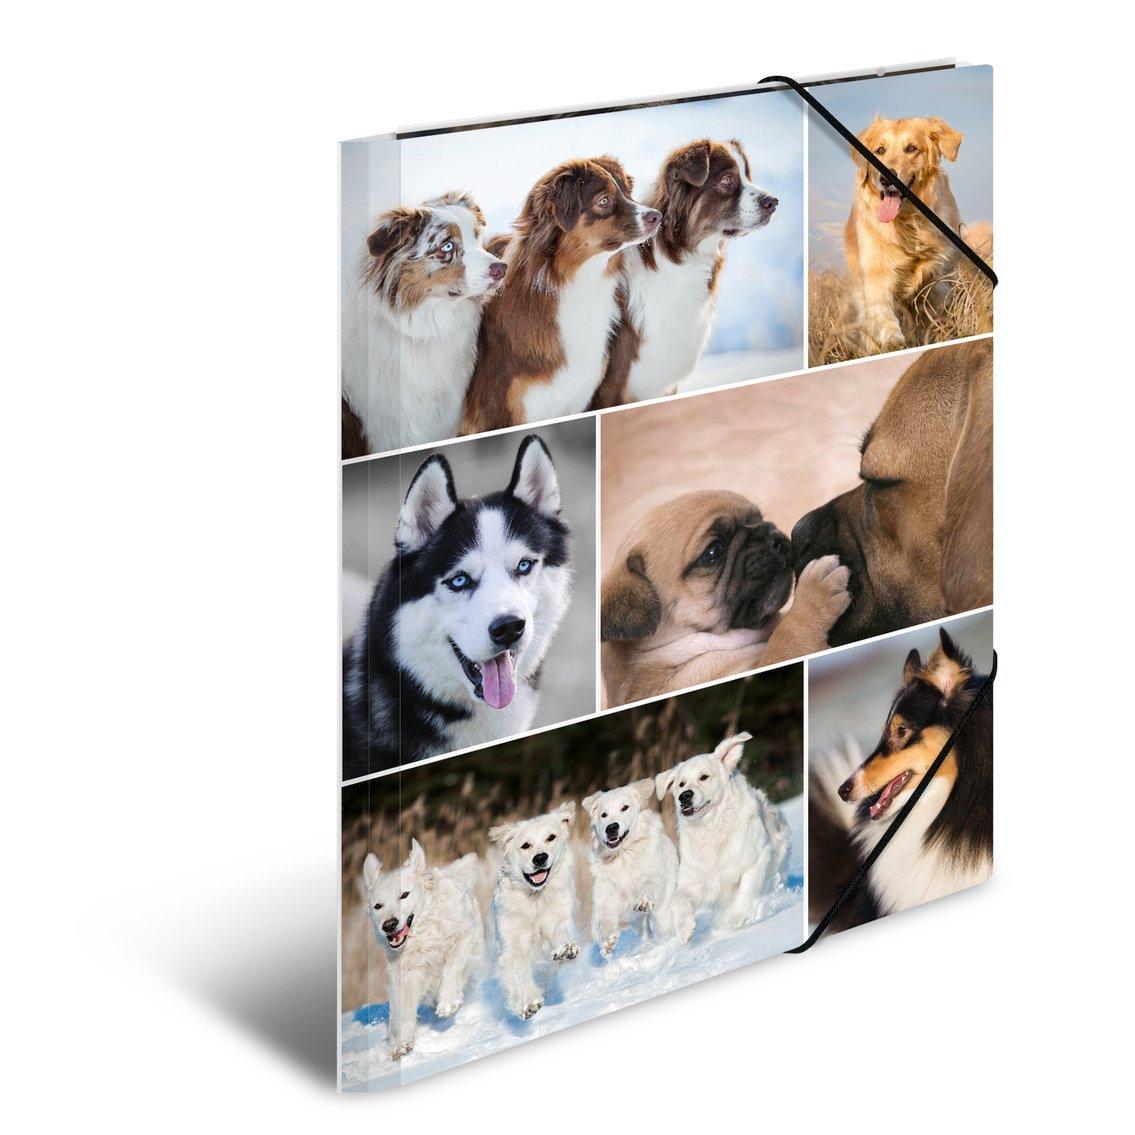 motivo: cane con con elastici in gomma 1/pezzi serie Animali HERMA 19211/ /Cartellina DIN A4/Cartoncino